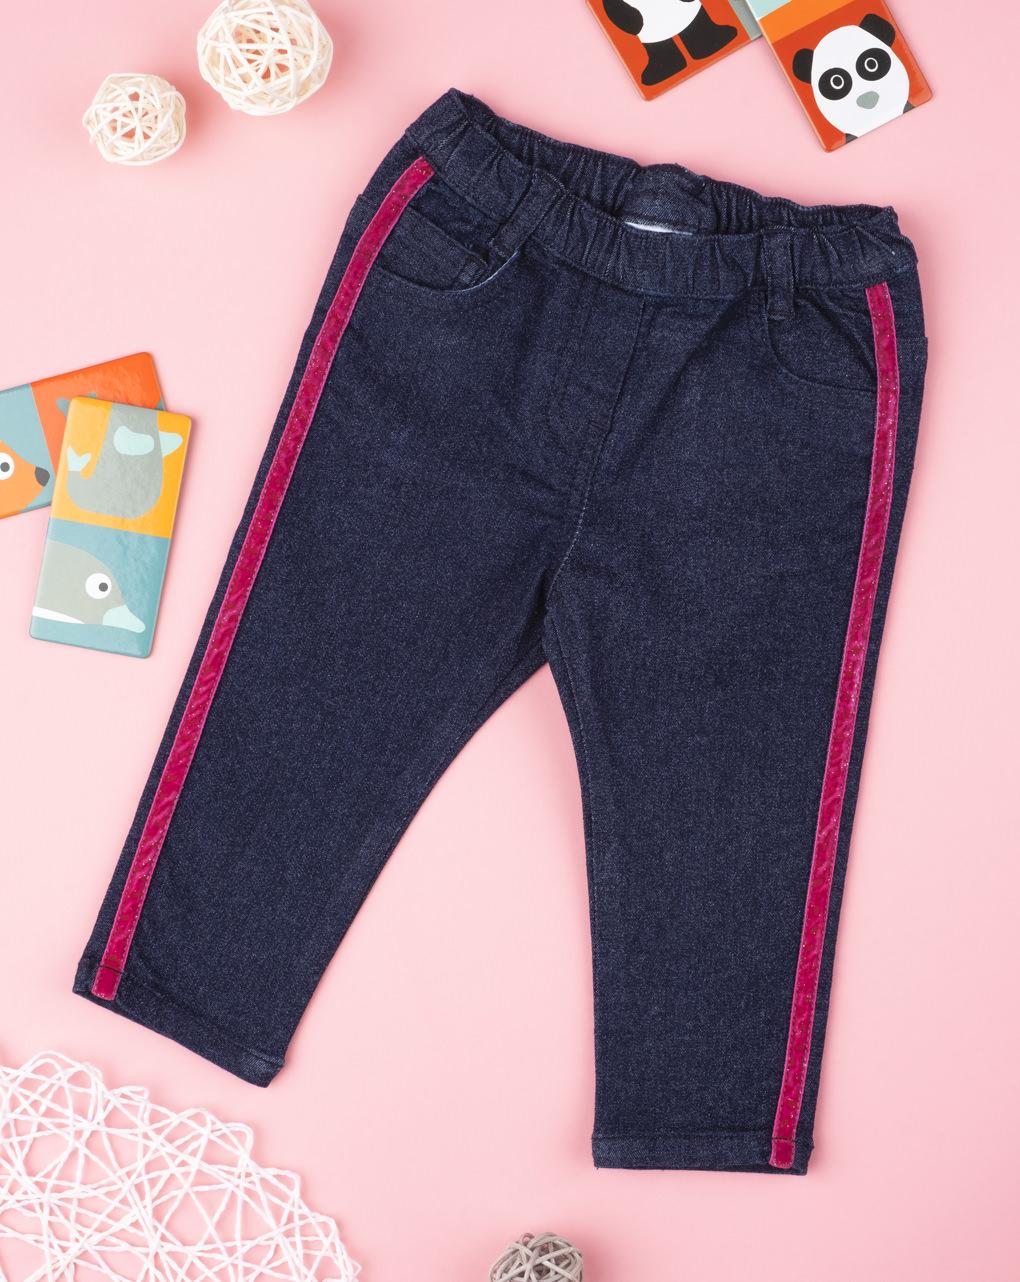 Calça jeans feminina azul mais listras - Prénatal